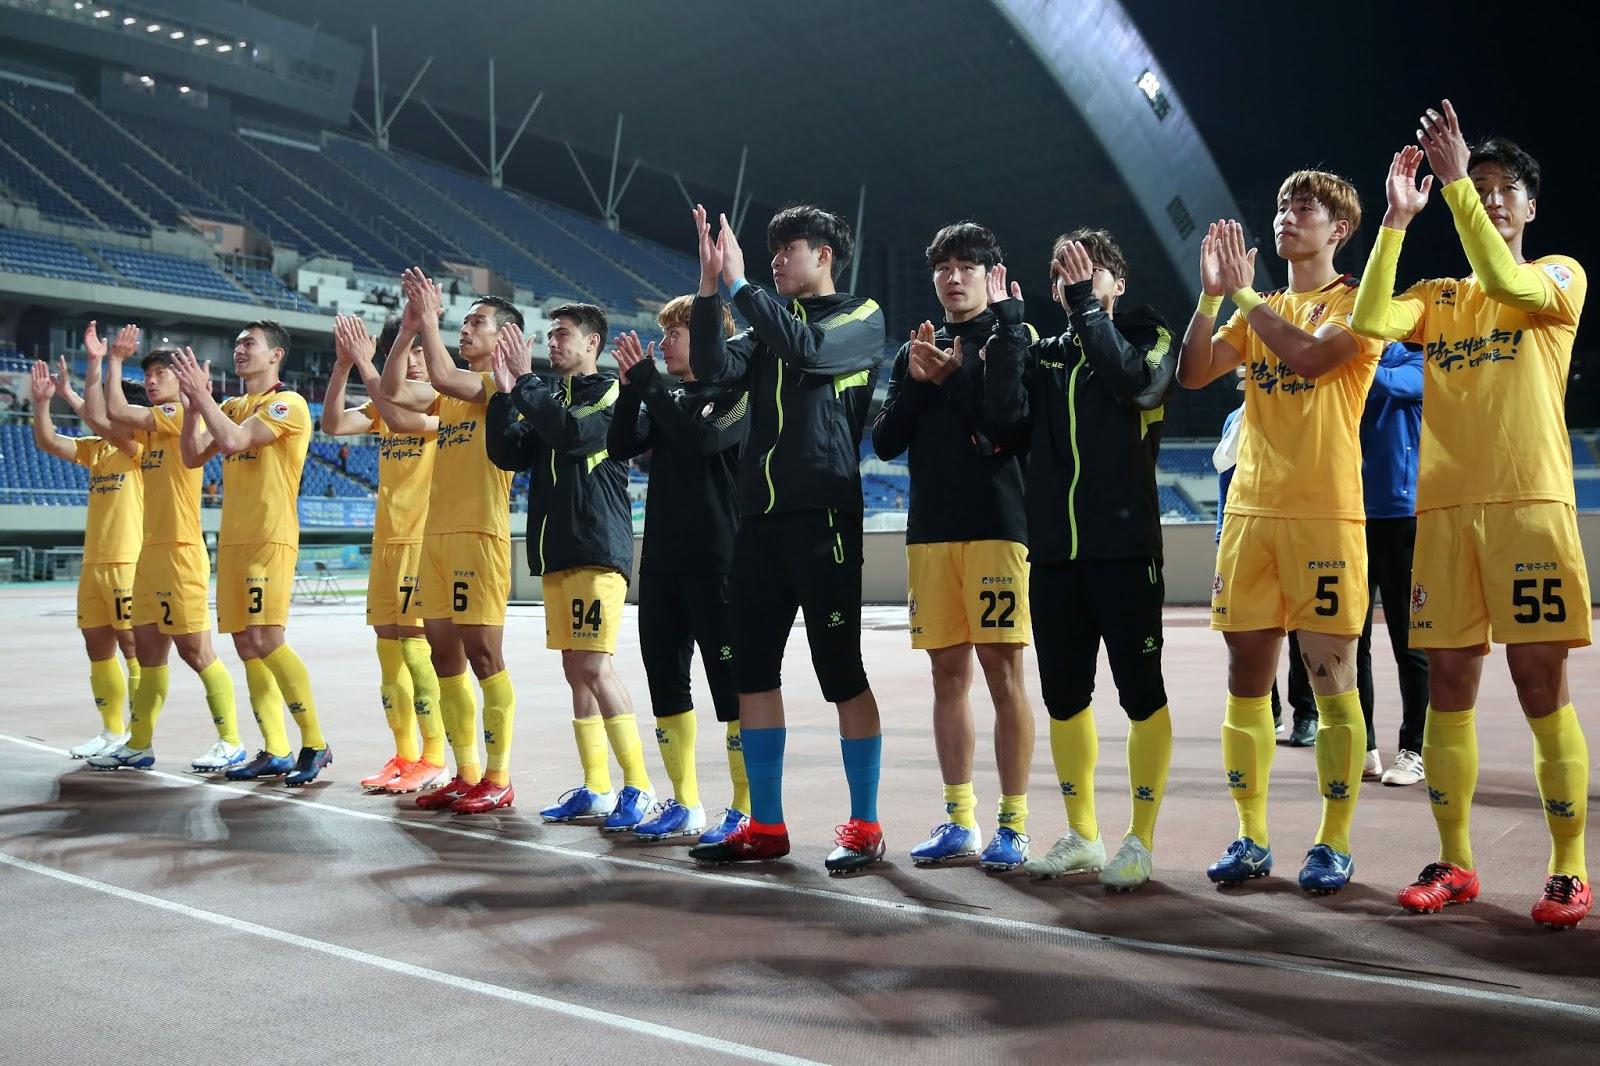 Preview: Gwangju FC vs Bucheon FC 1995